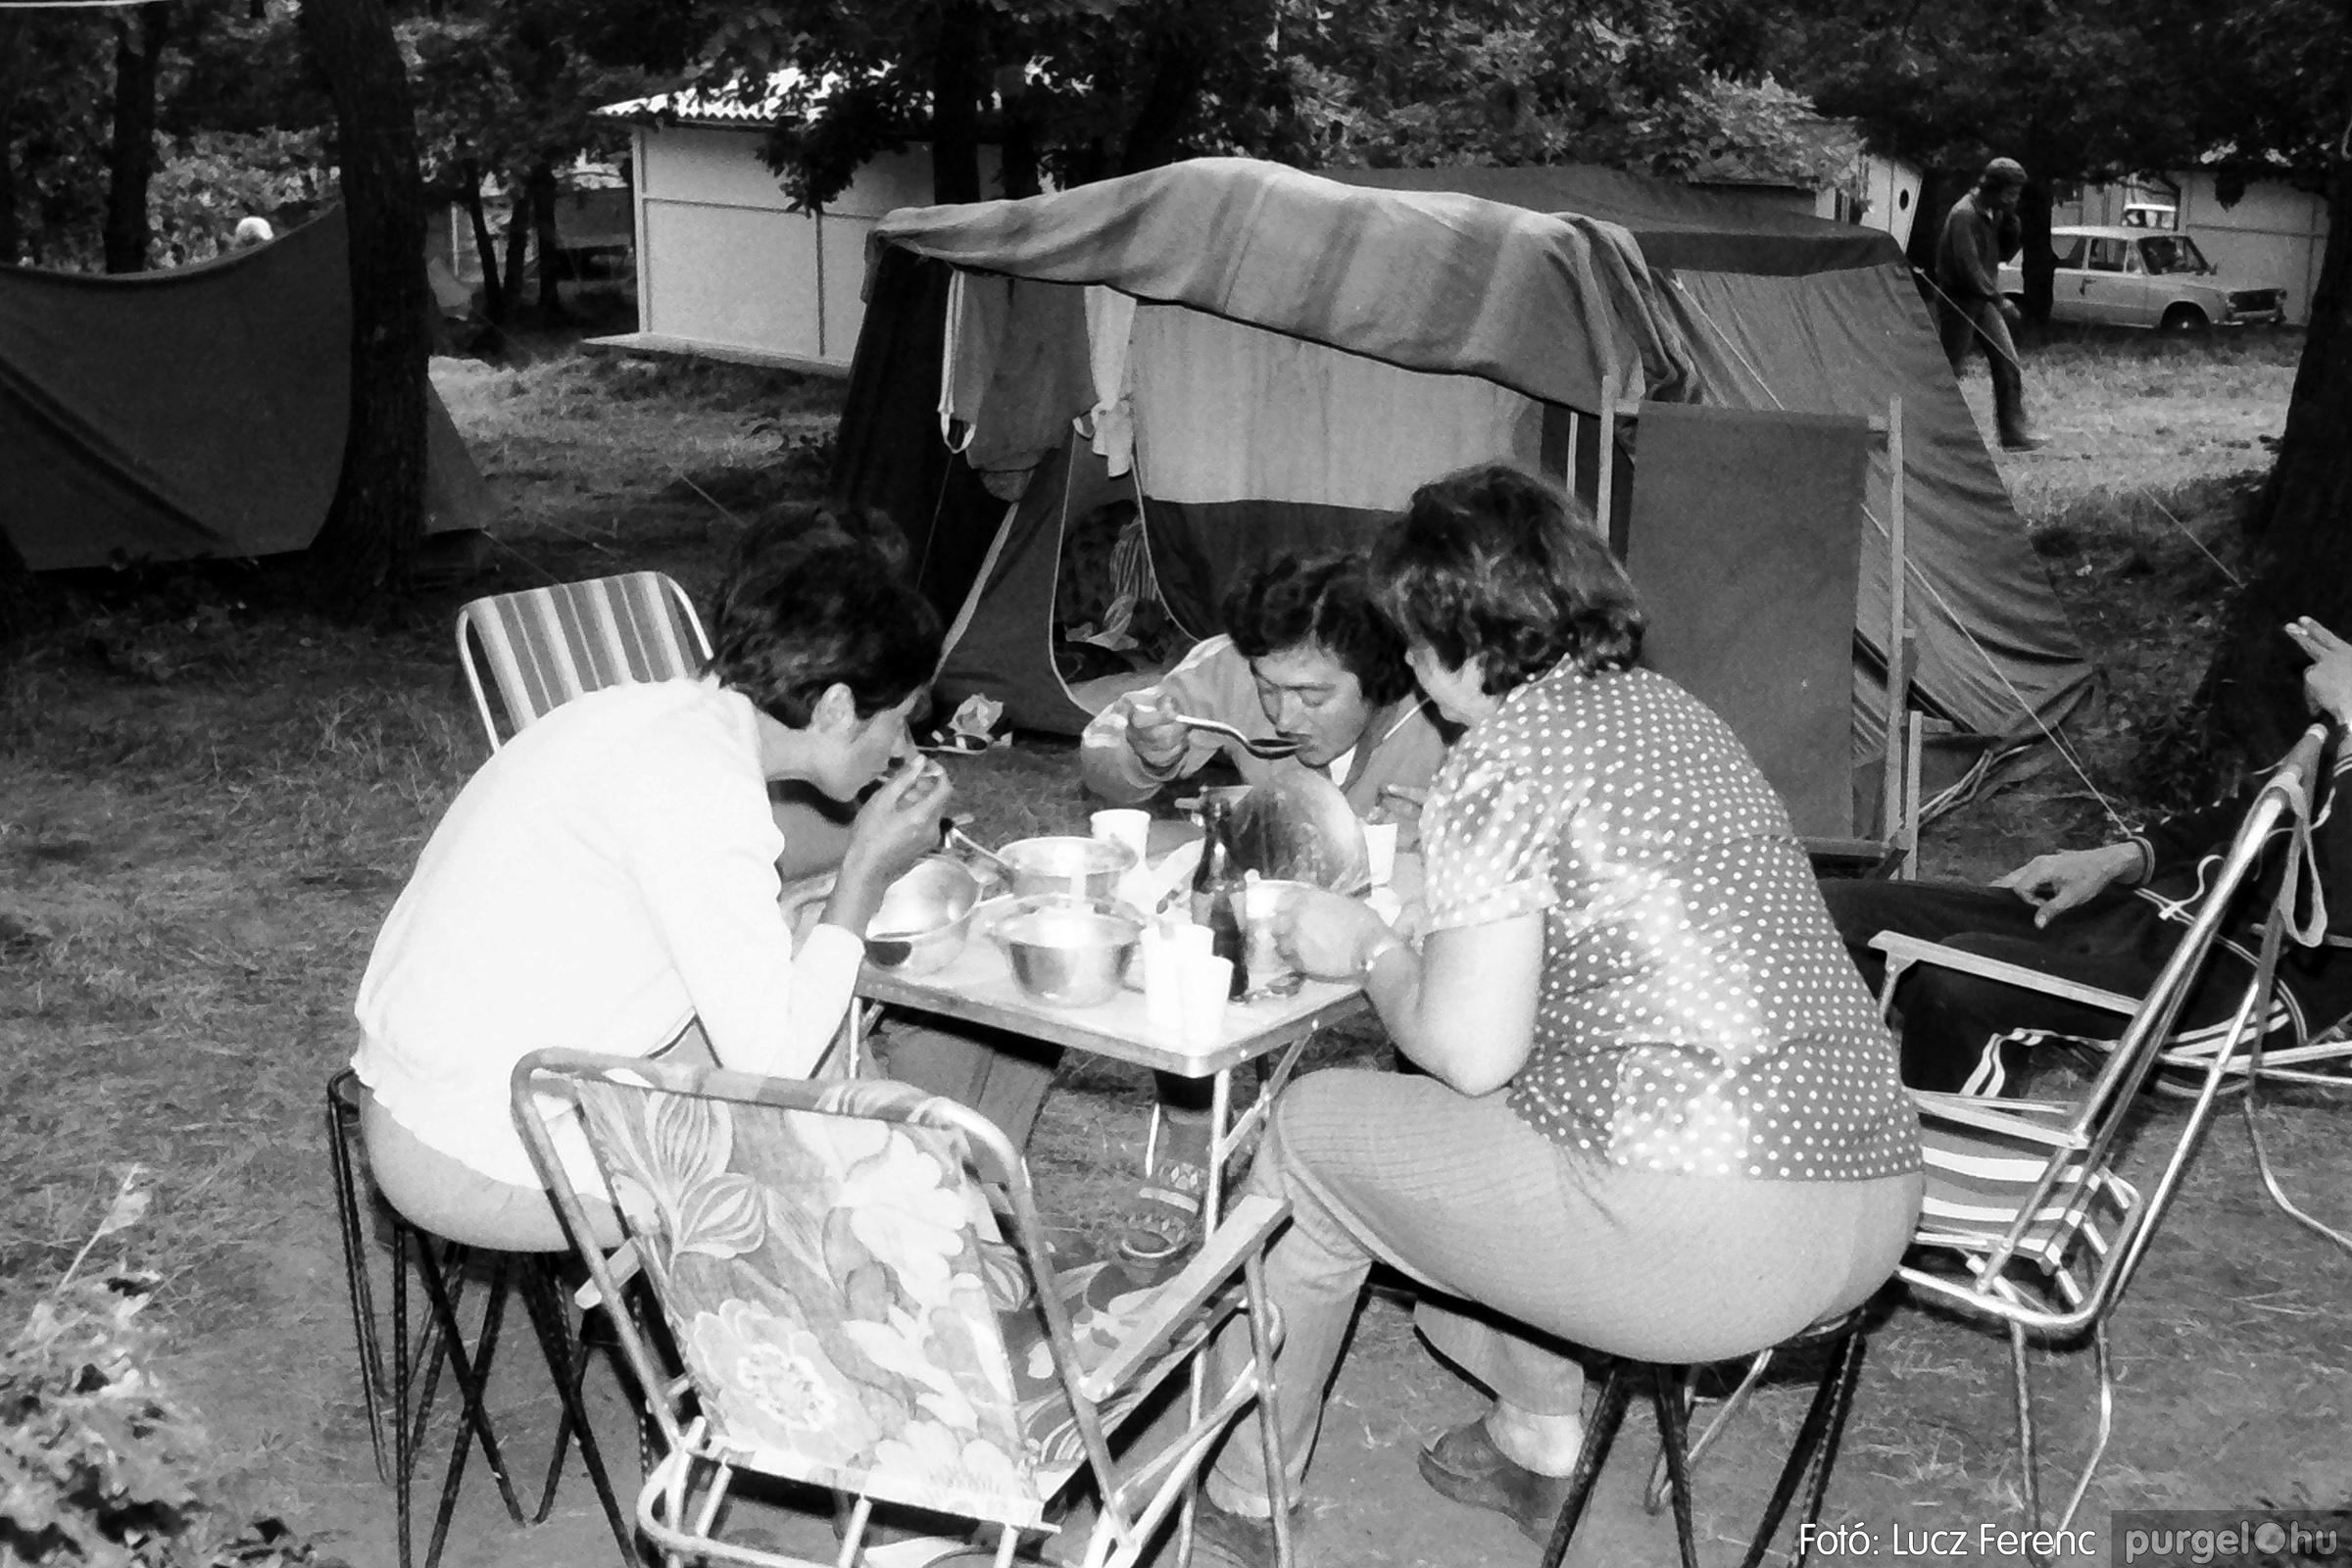 086, 088. 1977. Nyári tábor a Mátrában 005. - Fotó: Lucz Ferenc.jpg